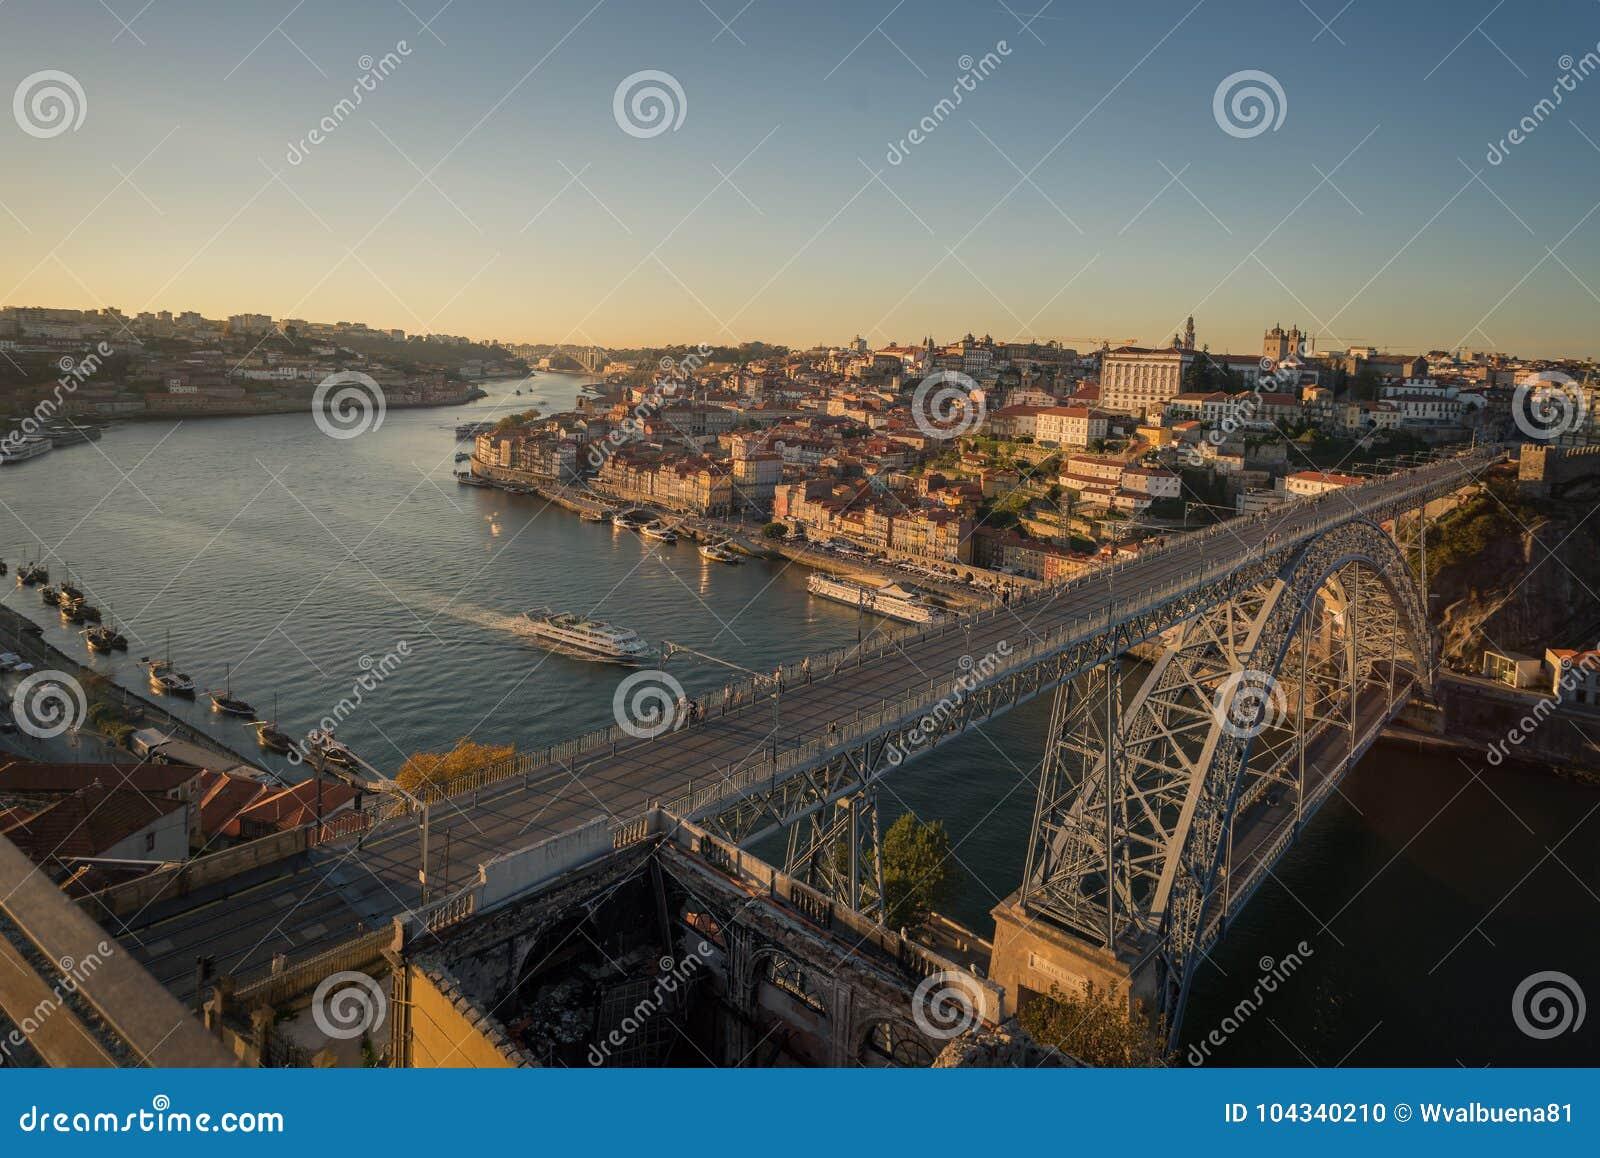 La ciudad del horizonte de la puesta del sol de Oporto